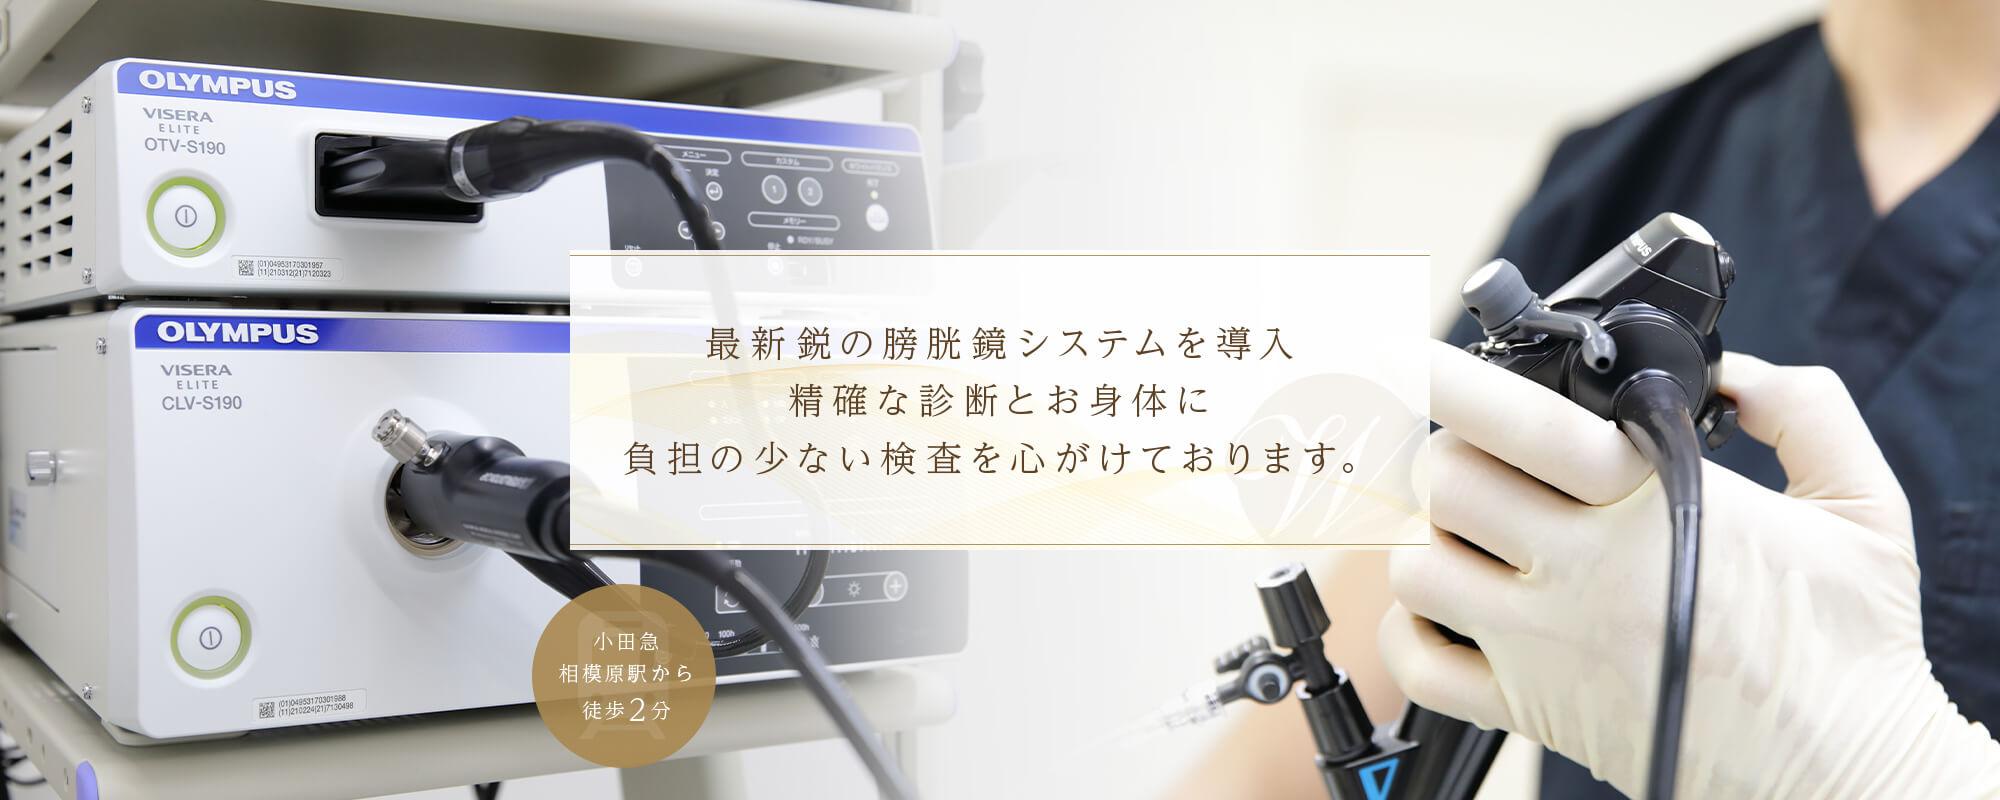 最新鋭の膀胱鏡システムを導入、精確な診断とお身体に負担の少ない検査を心がけております。